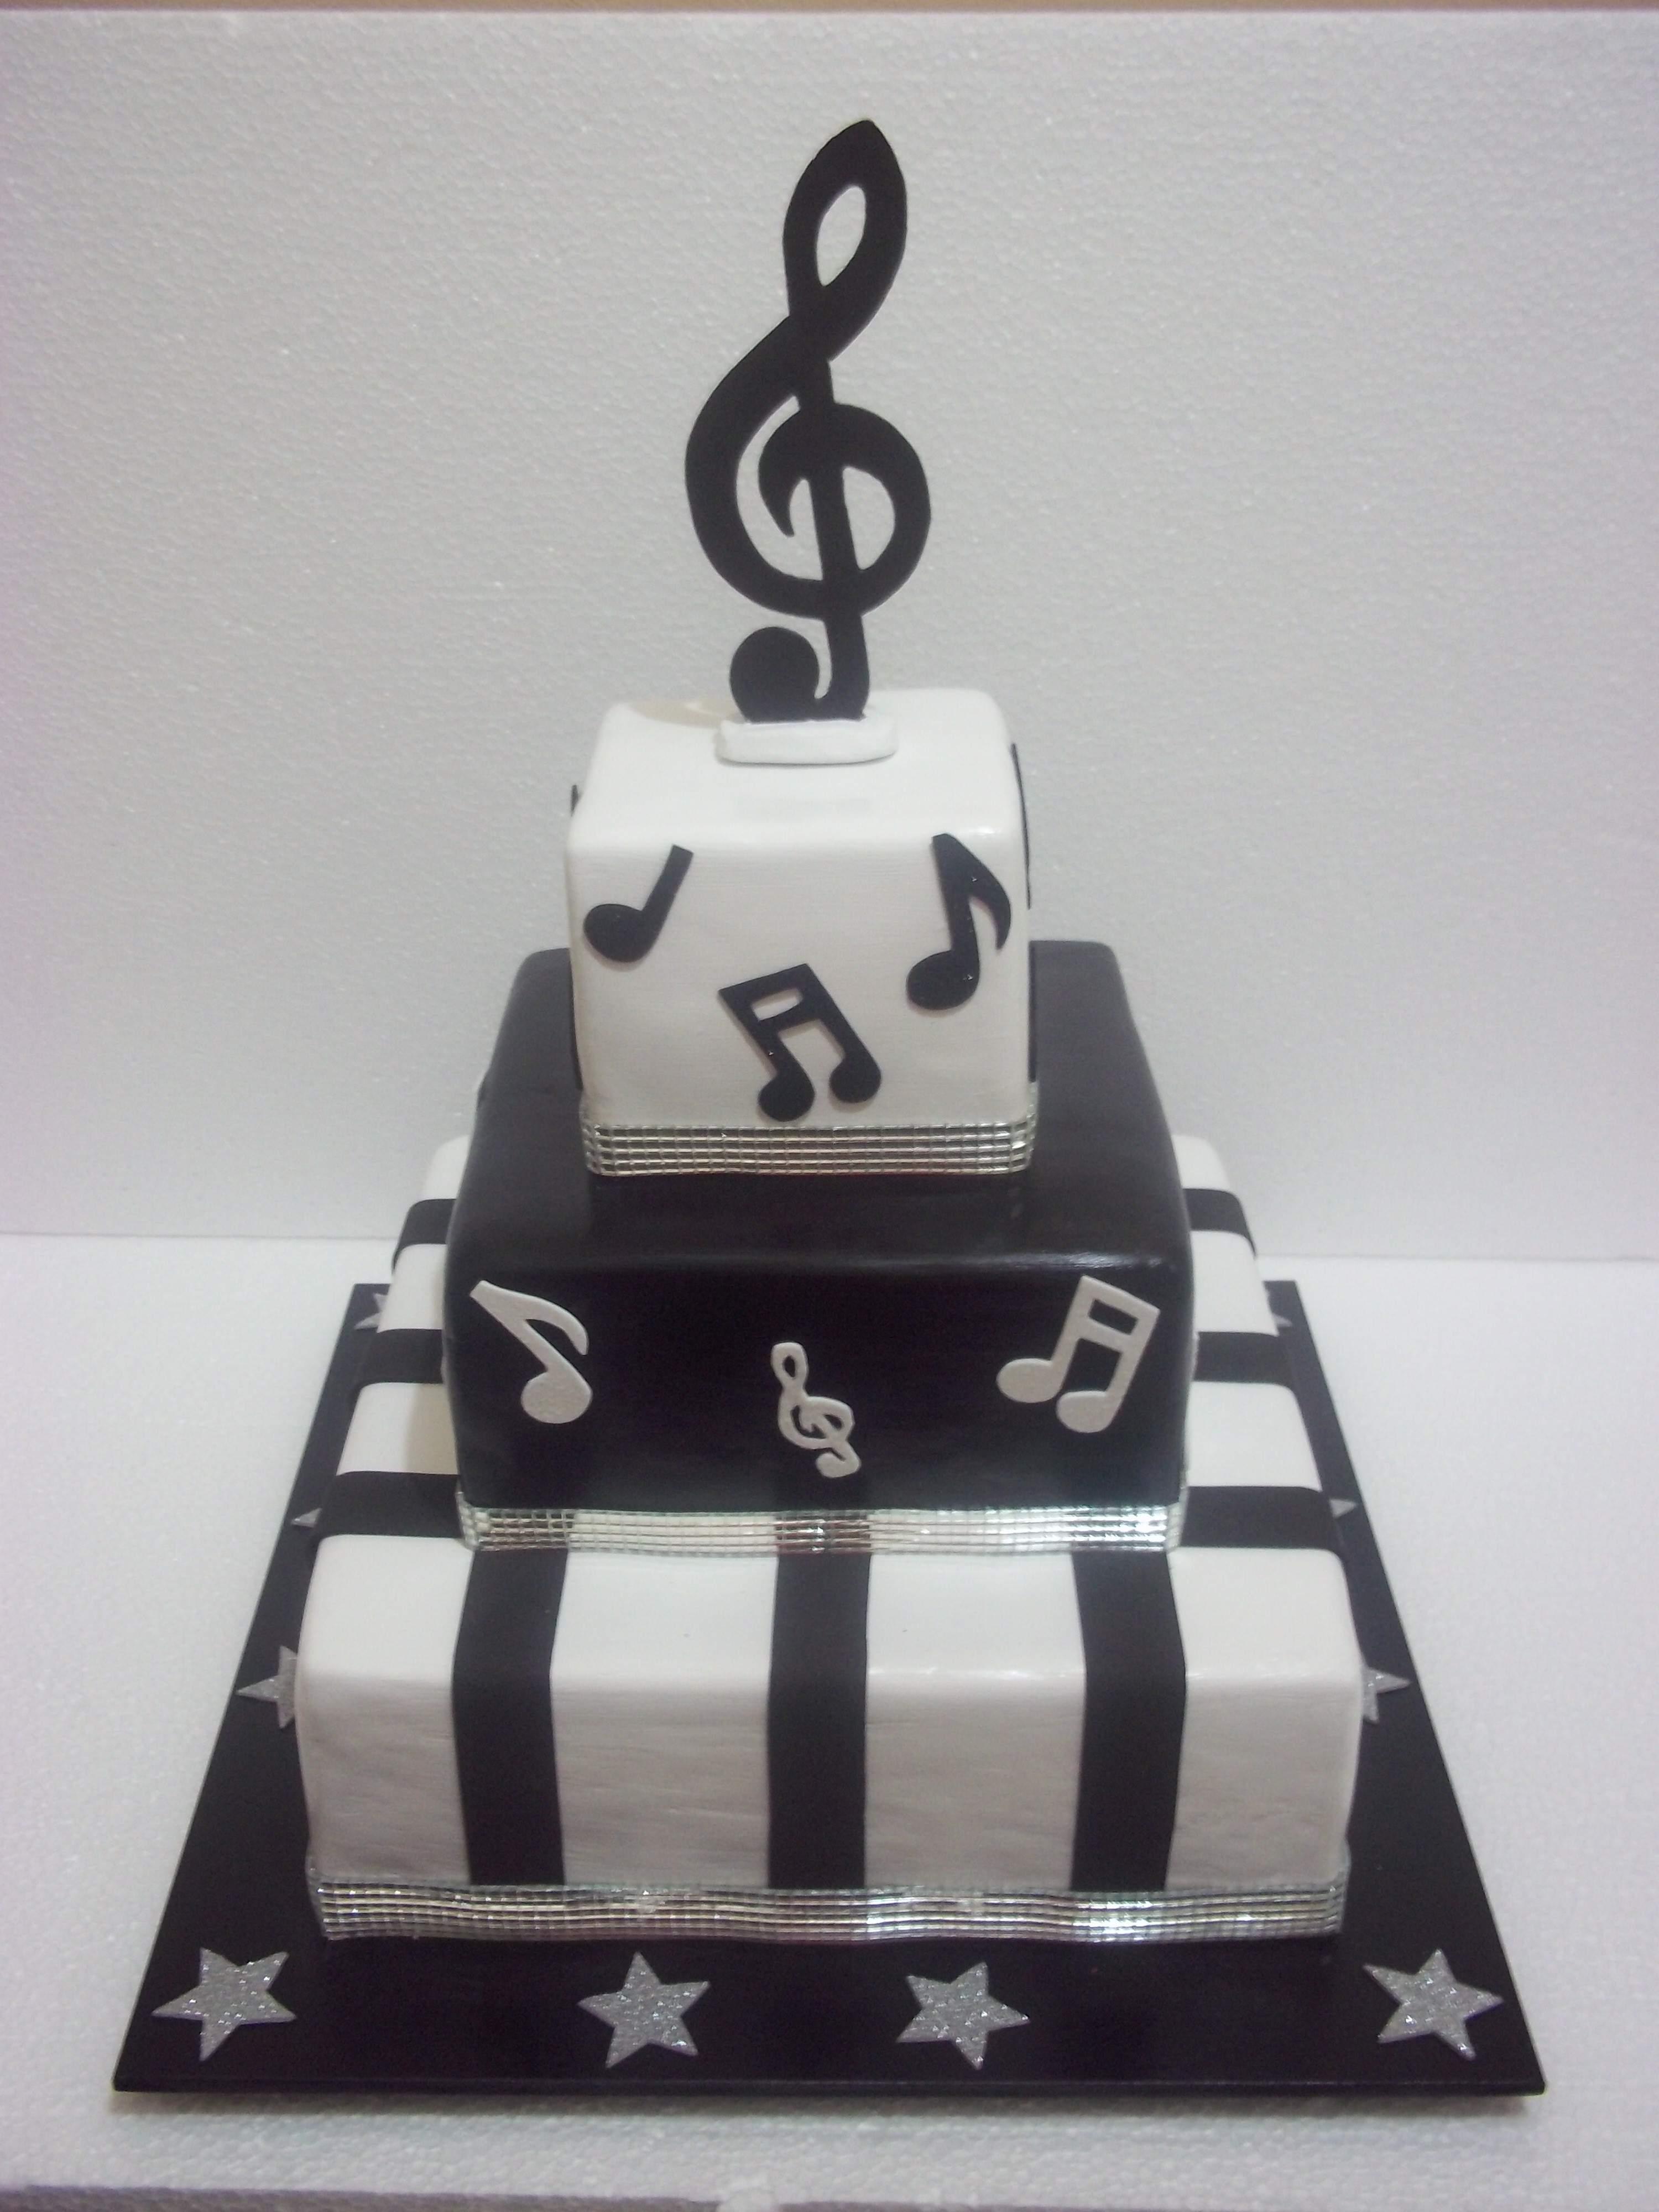 notas musicais decoracao de festa infantil bolo cenografico de notas